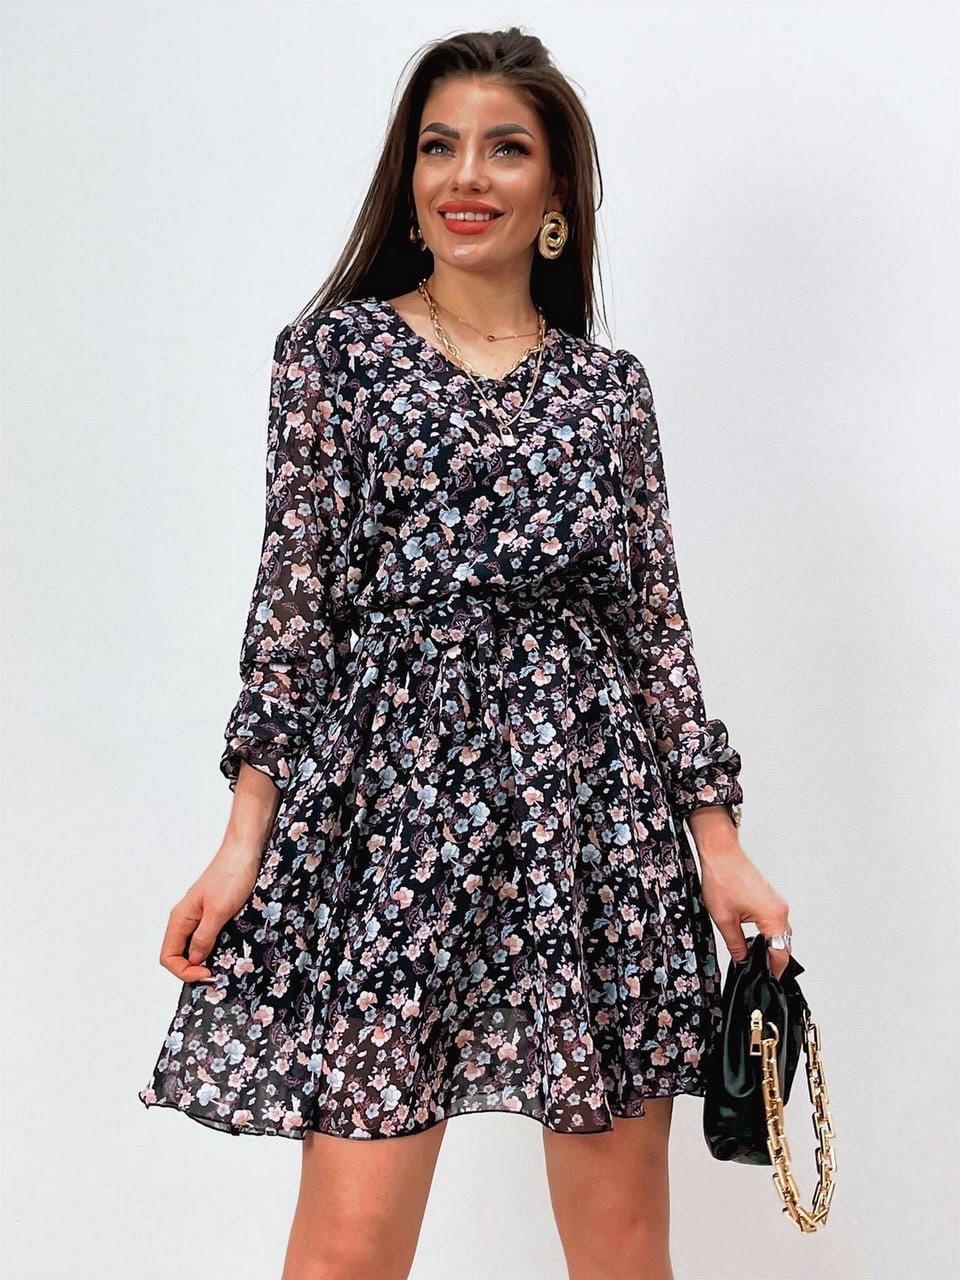 Шифонове плаття на підкладці в квітковий принт, 00660 (Темно-синій), Розмір 46 (L)